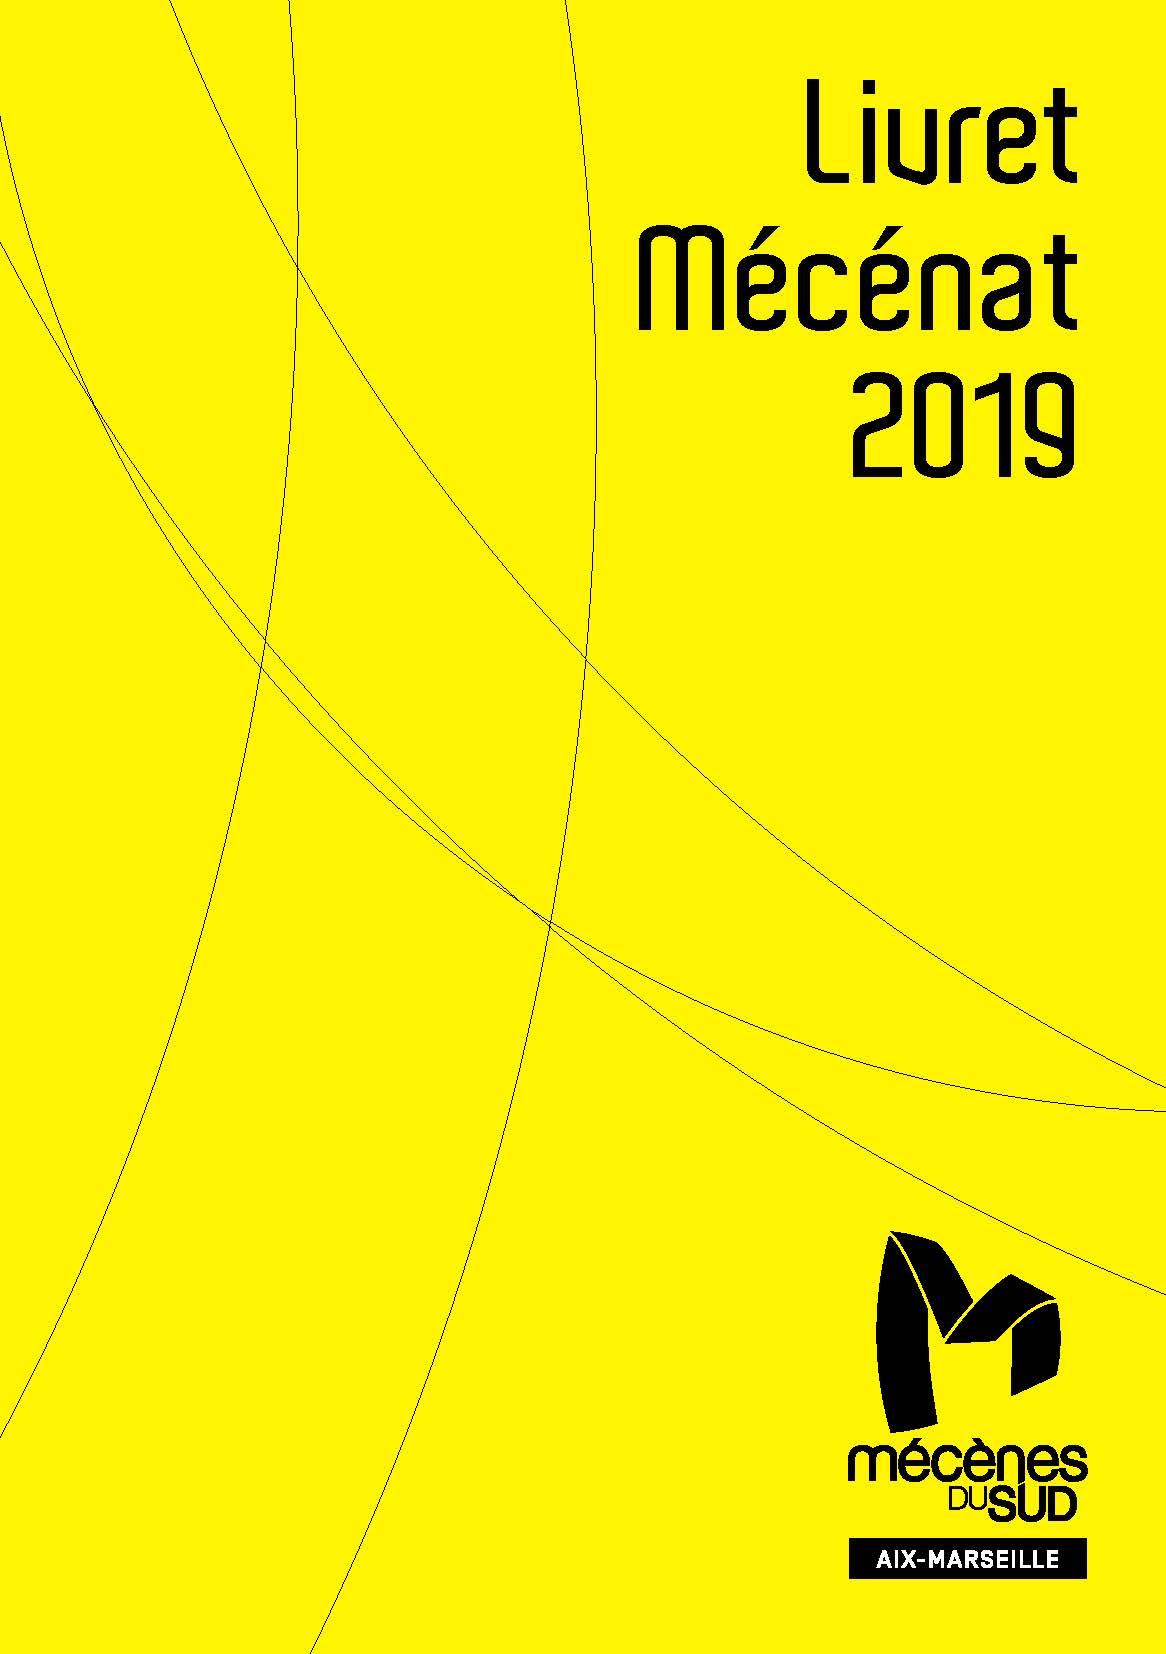 Couverture livret mécénat 2019